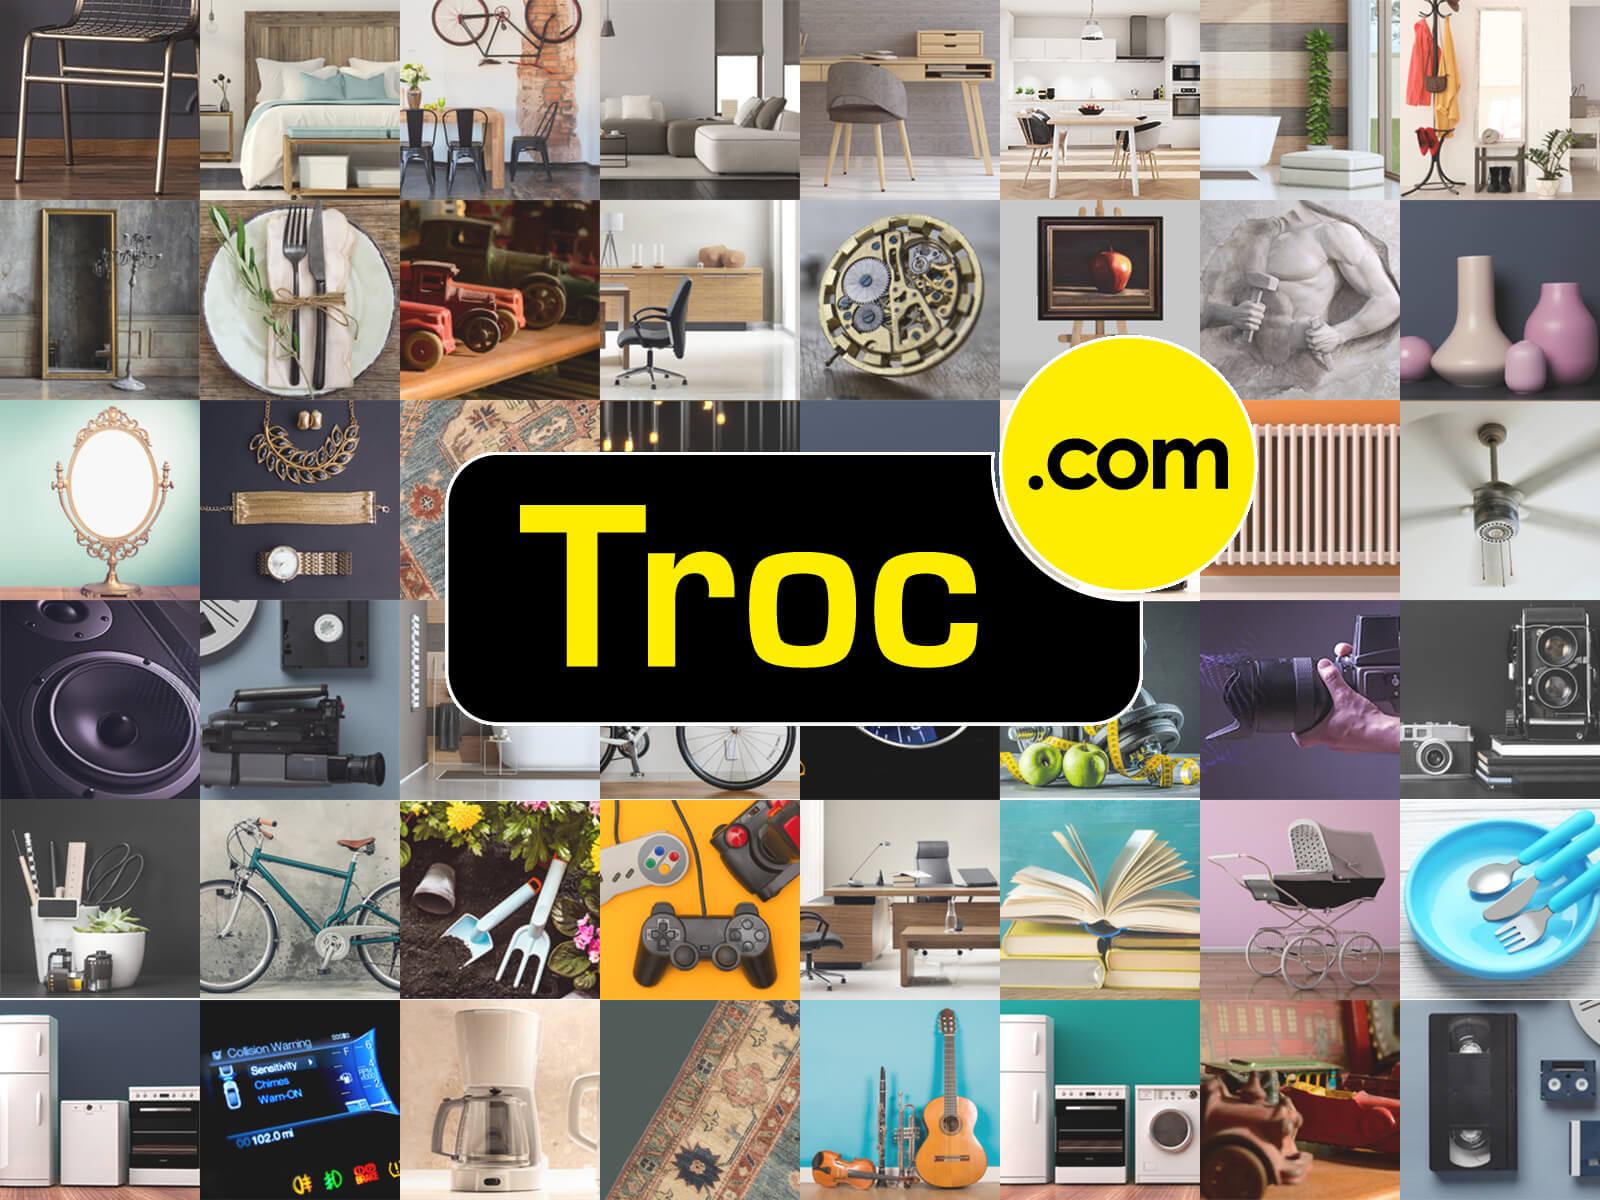 Troc.com : Développement du site Internet avec moteur conversationnel et forte porésence SEO pour gain de visibilité